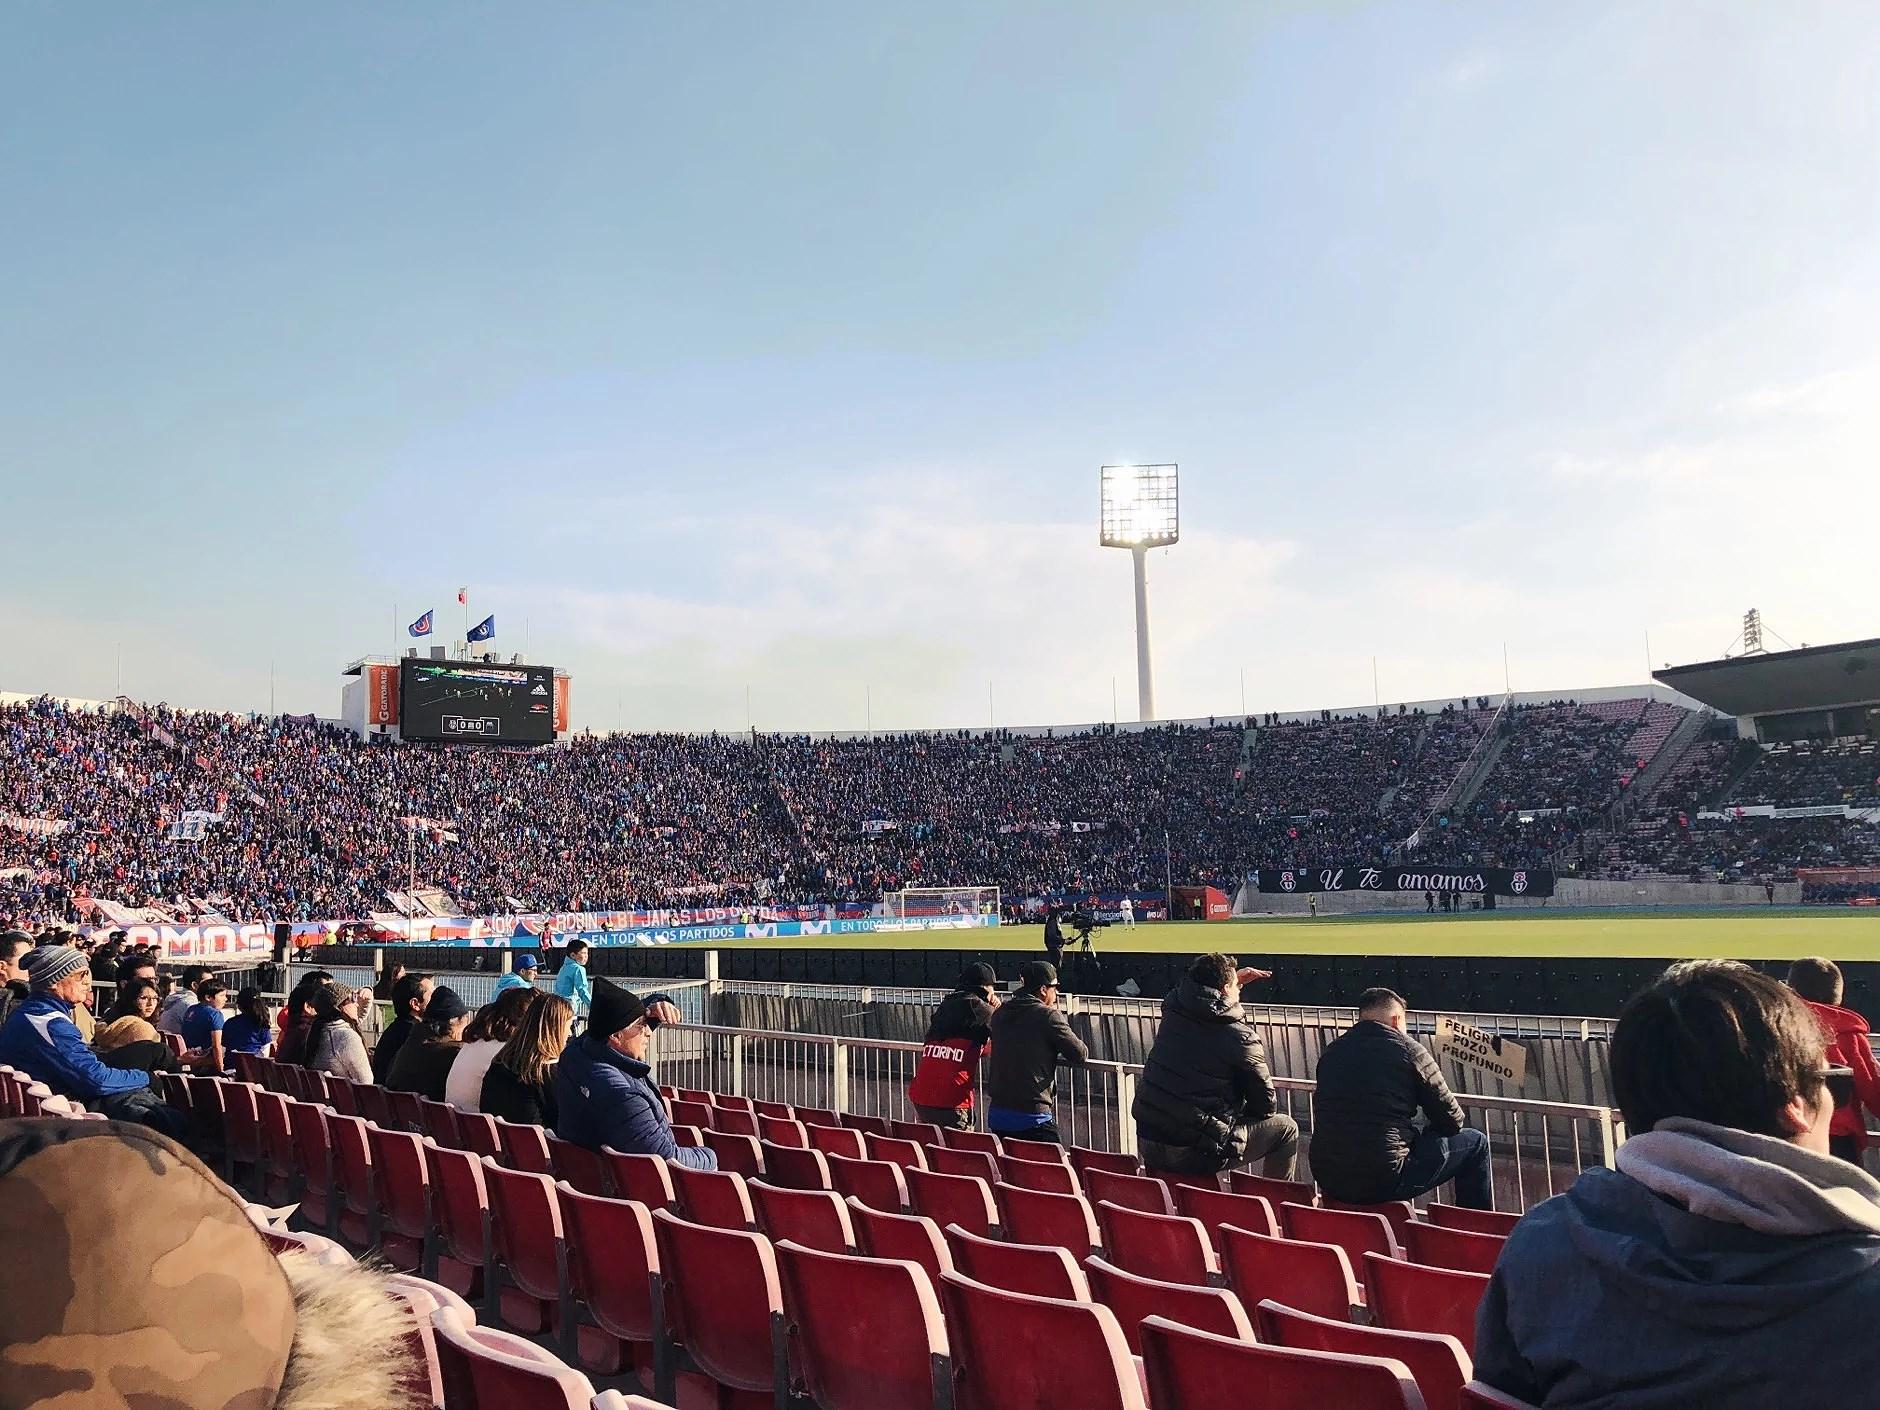 Chilensk fotboll